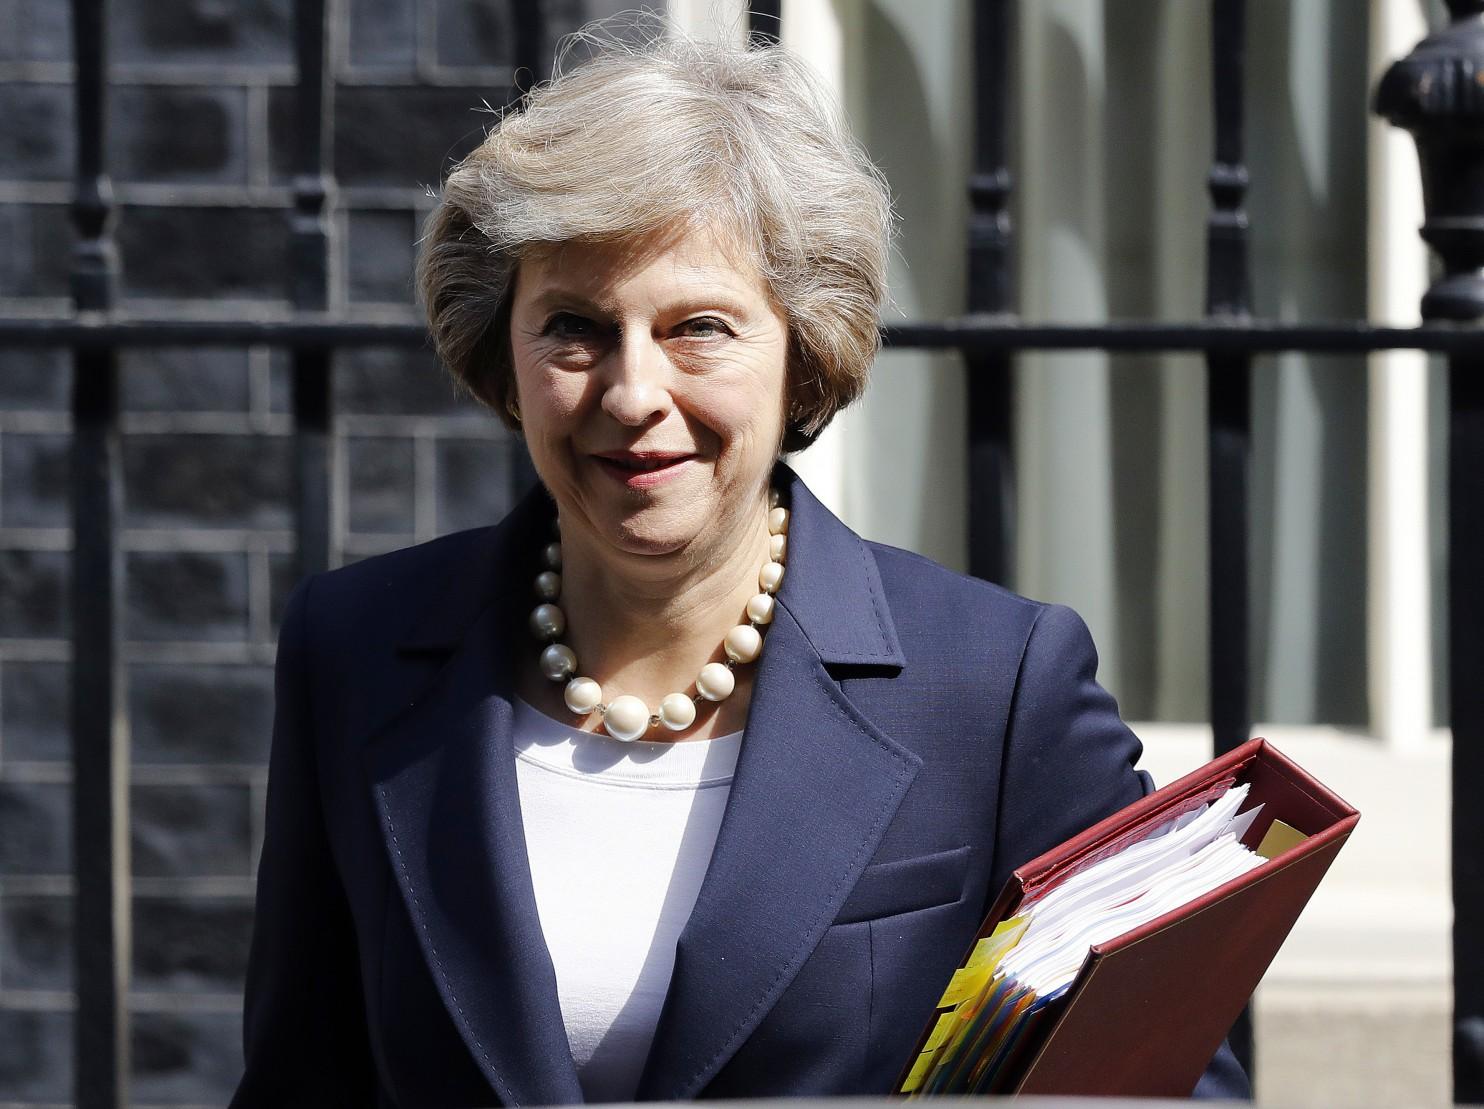 премьер - министр Тереза Мэй